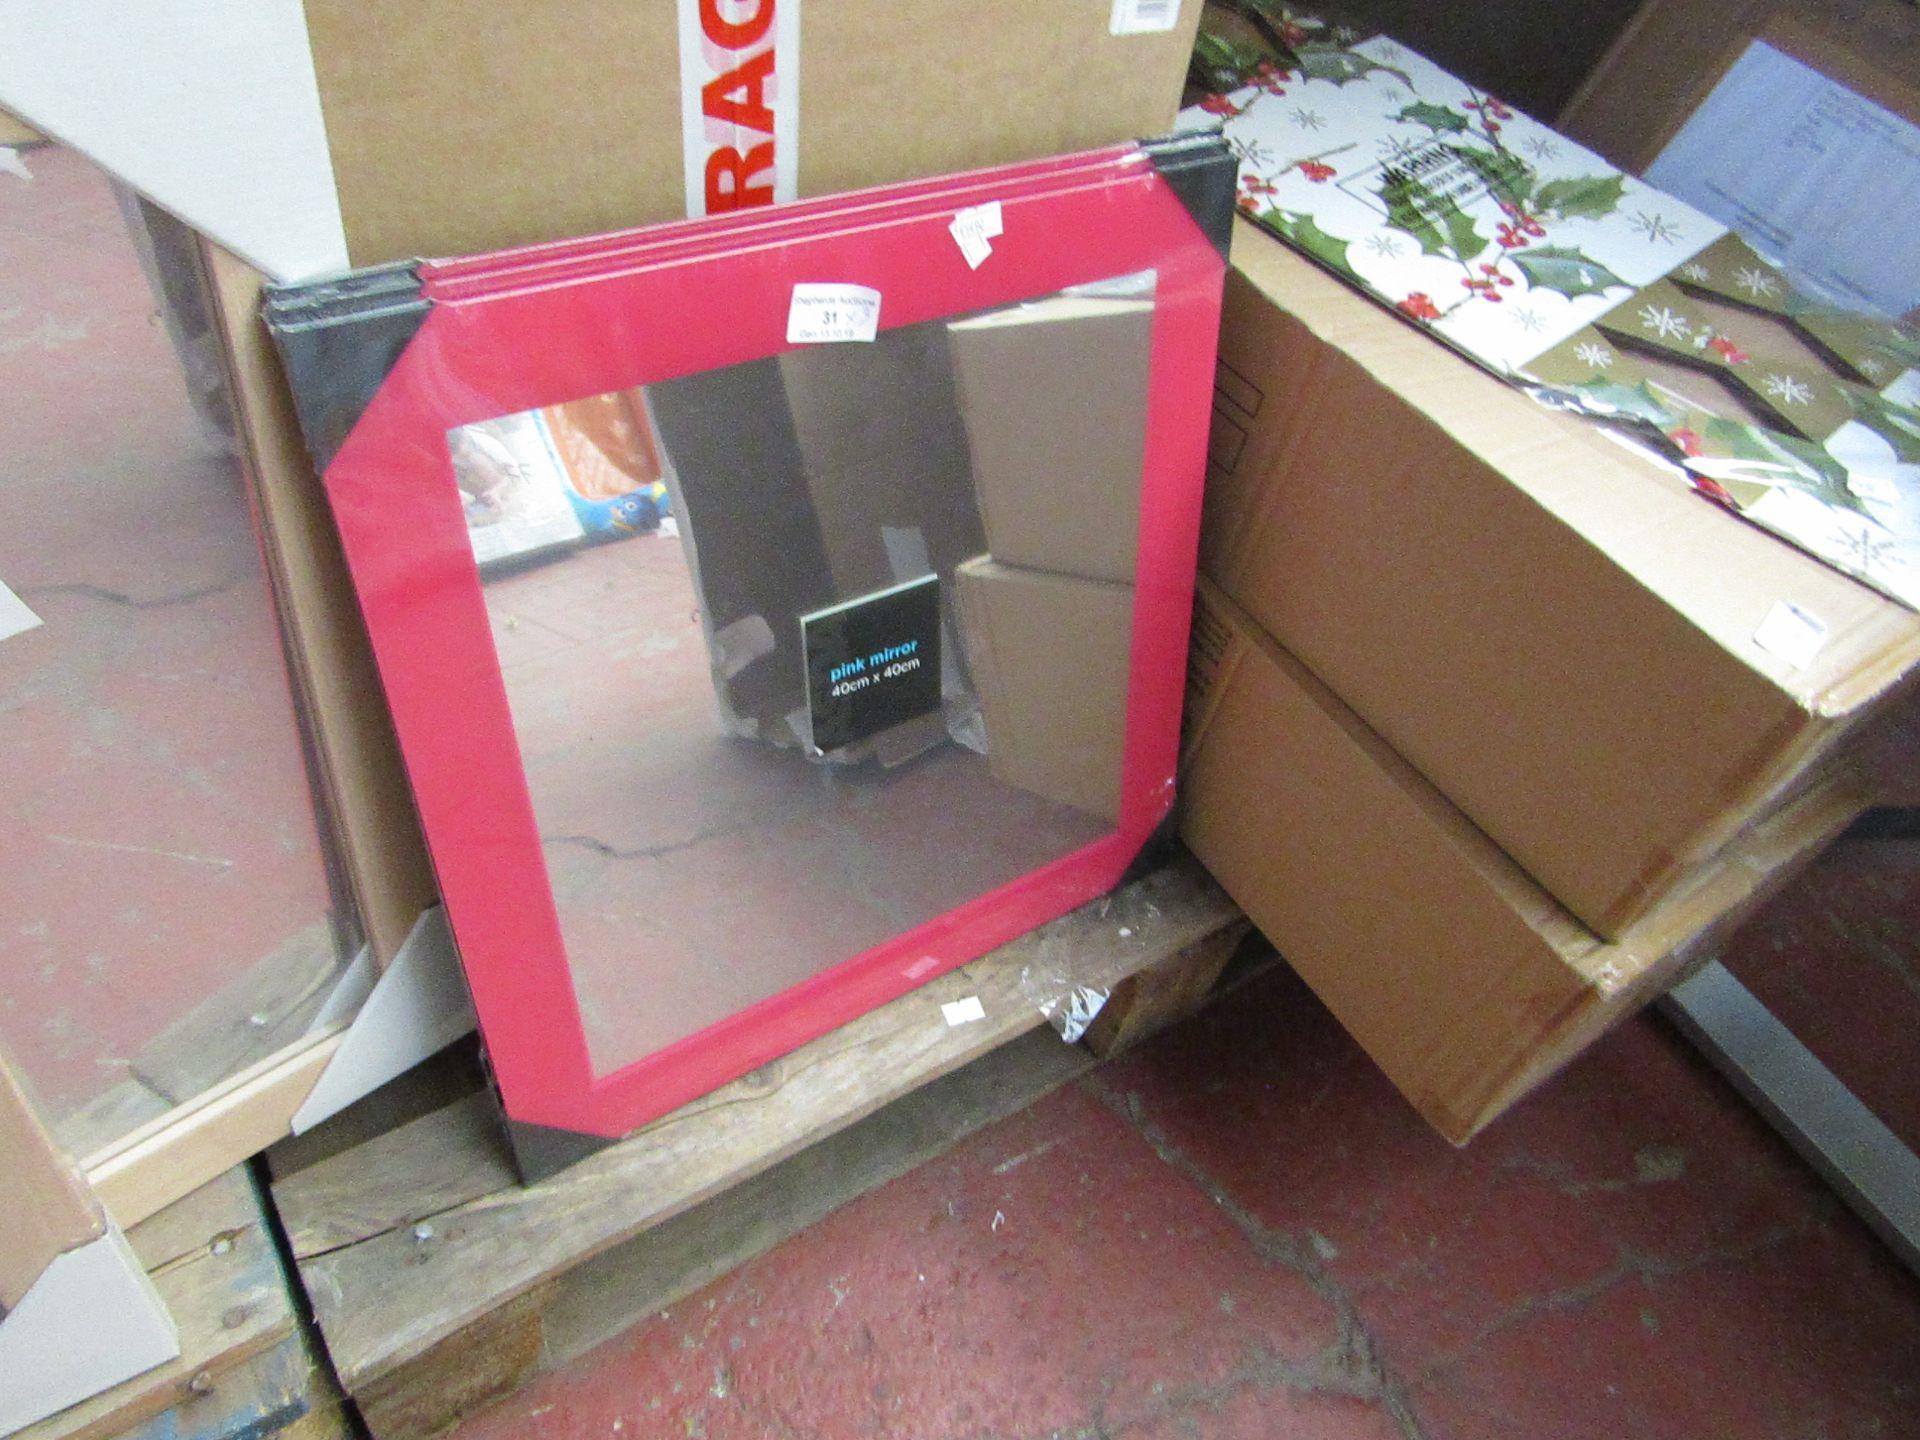 Lot 31 - 3x Pink mirrors, 40 x 40cm, new.